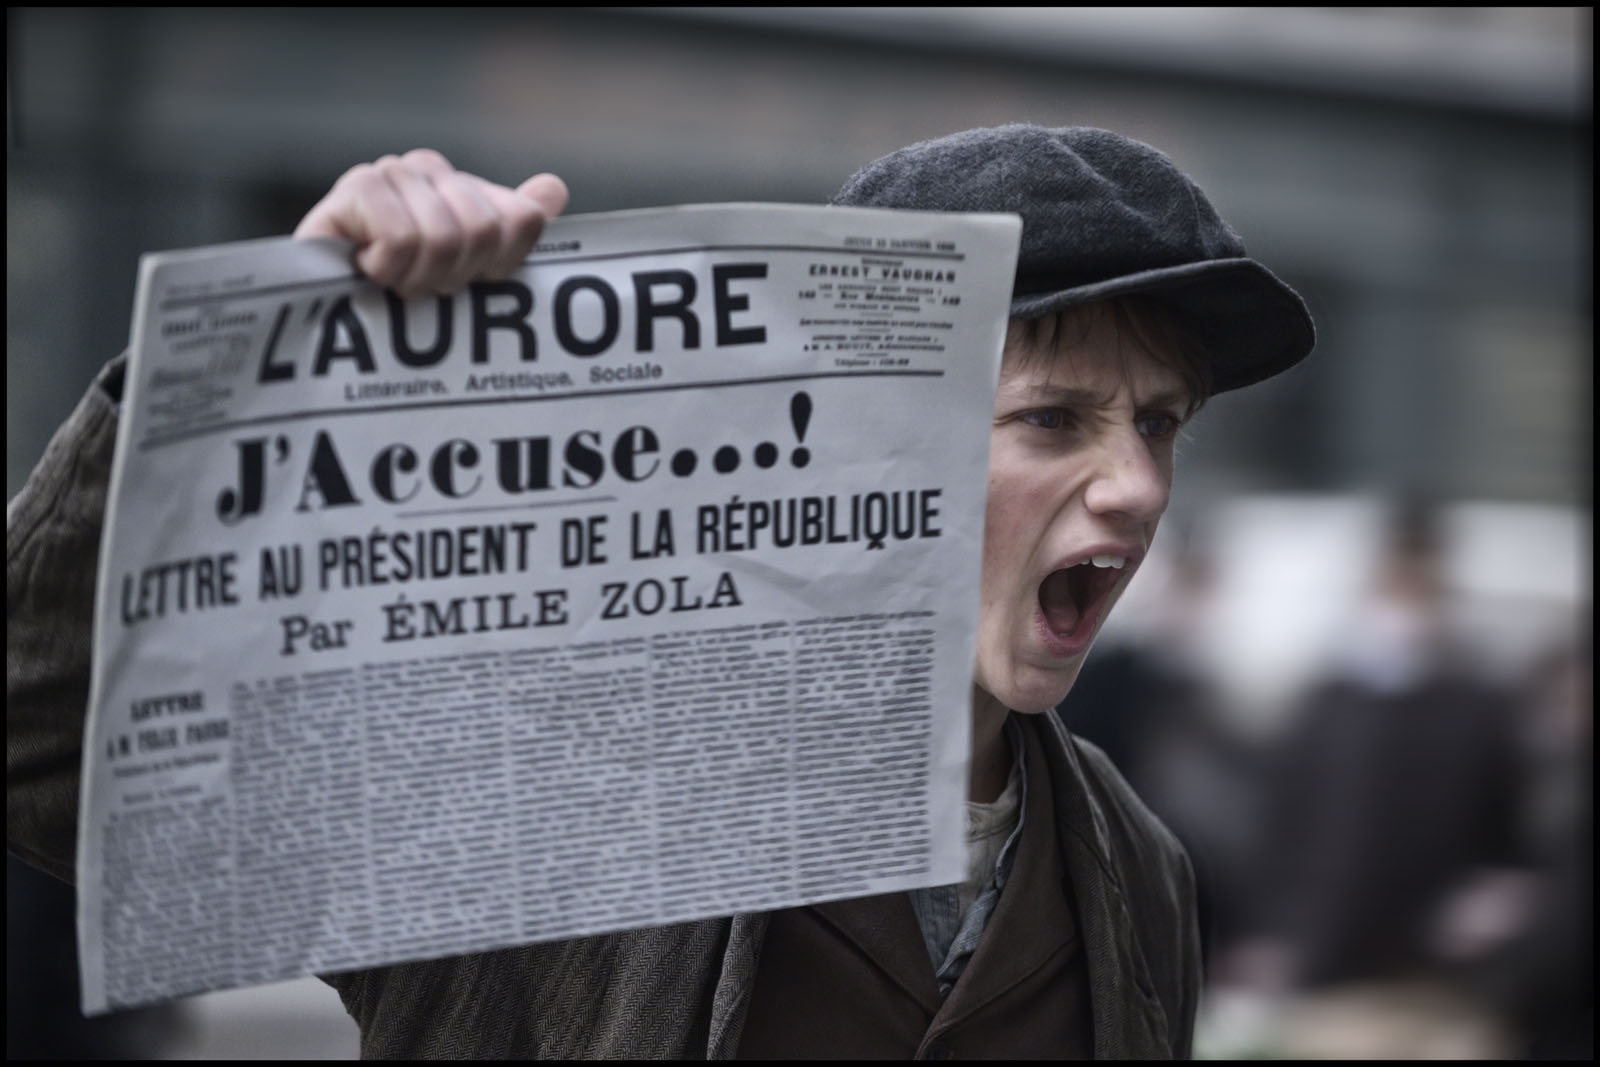 [好雷] 我控訴 J'accuse (2019 法國片)